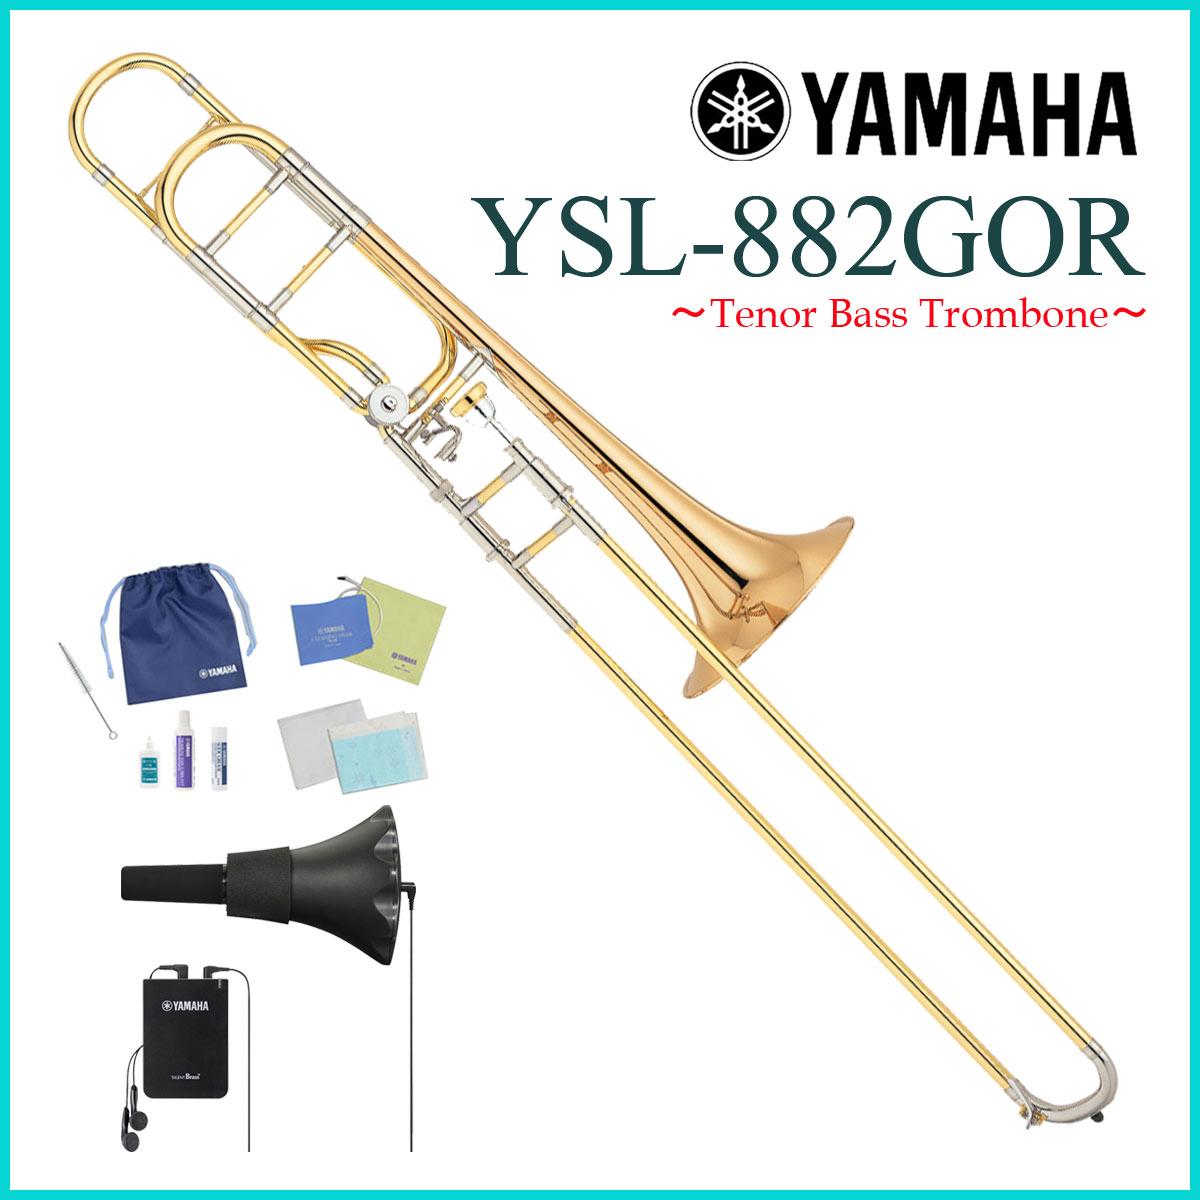 YAMAHA / YSL-882GOR ヤマハ トロンボーン Torombone YSL882GOR 《サイレントブラスセット》 《倉庫保管新品をお届け※もちろん出荷前調整》《5年保証》